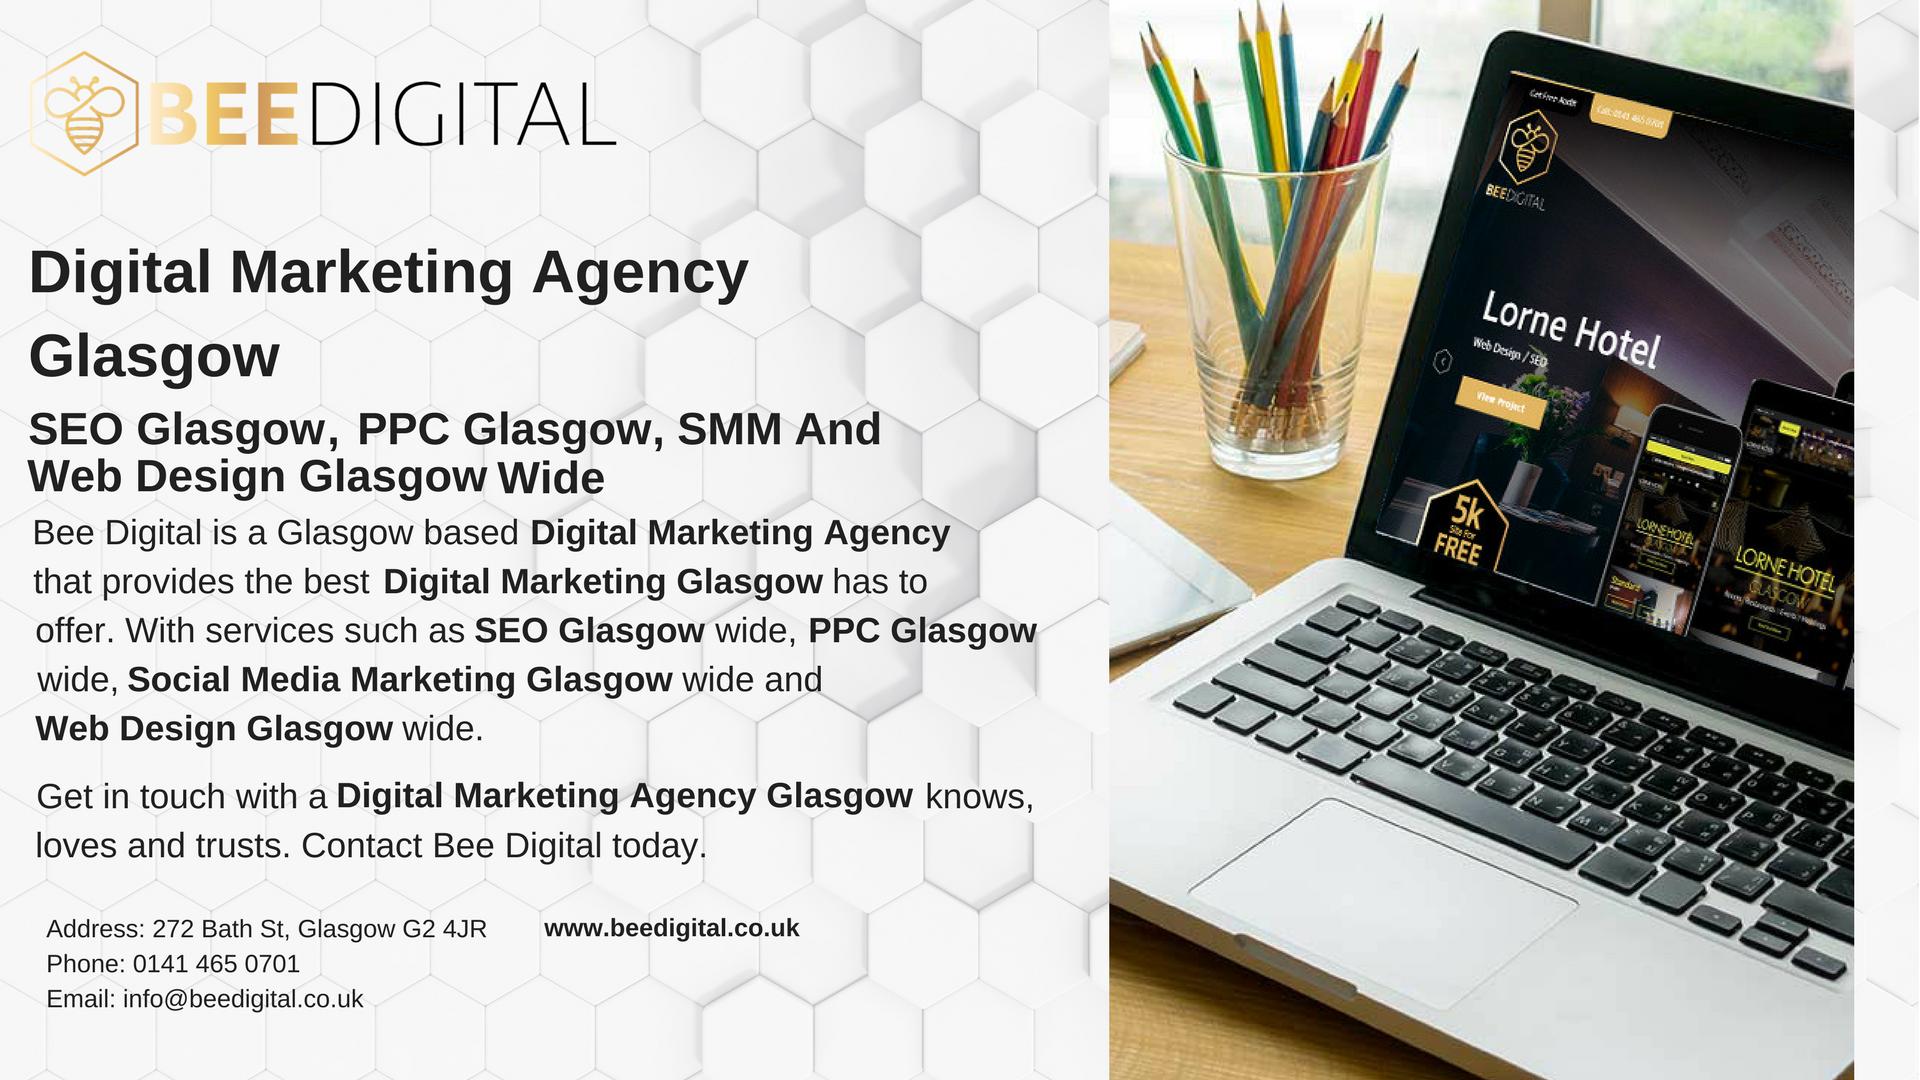 Web Design Digital Marketing Agency Digital Marketing Social Media